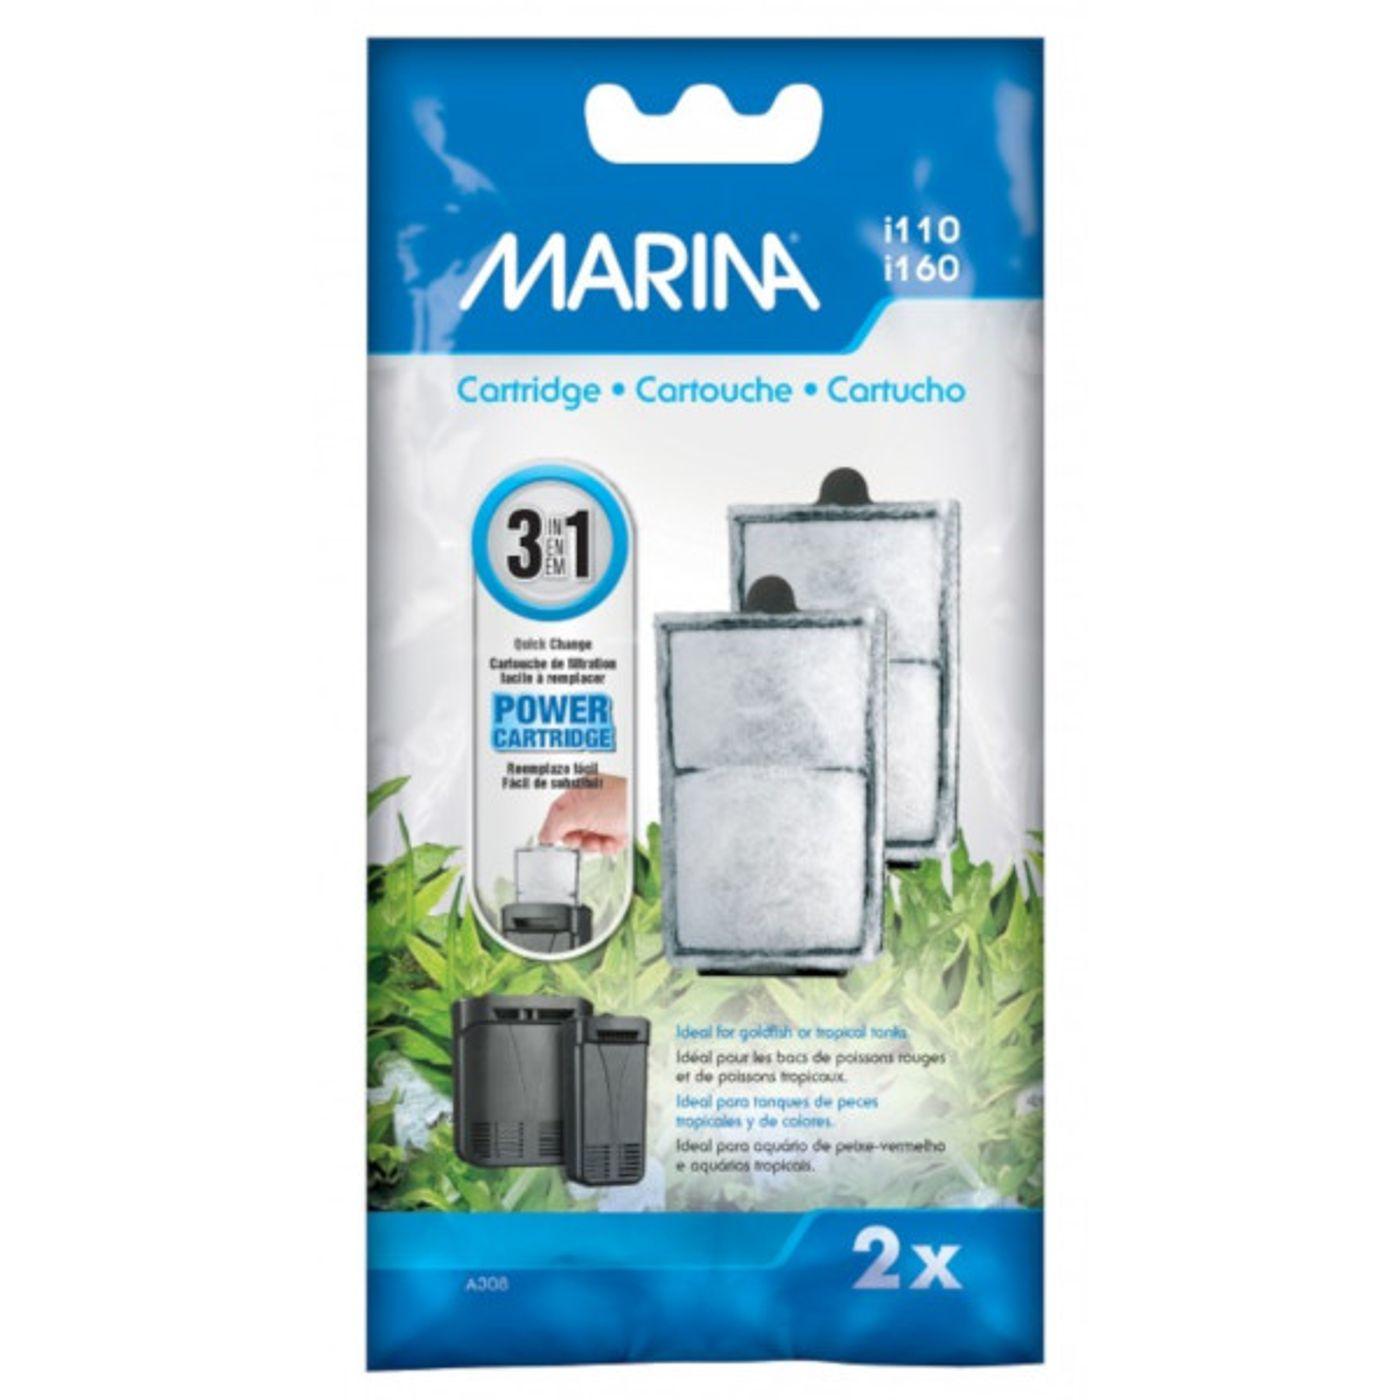 MARINA-Recarga-p--Filtro-interno-i110-e-i160--2un-